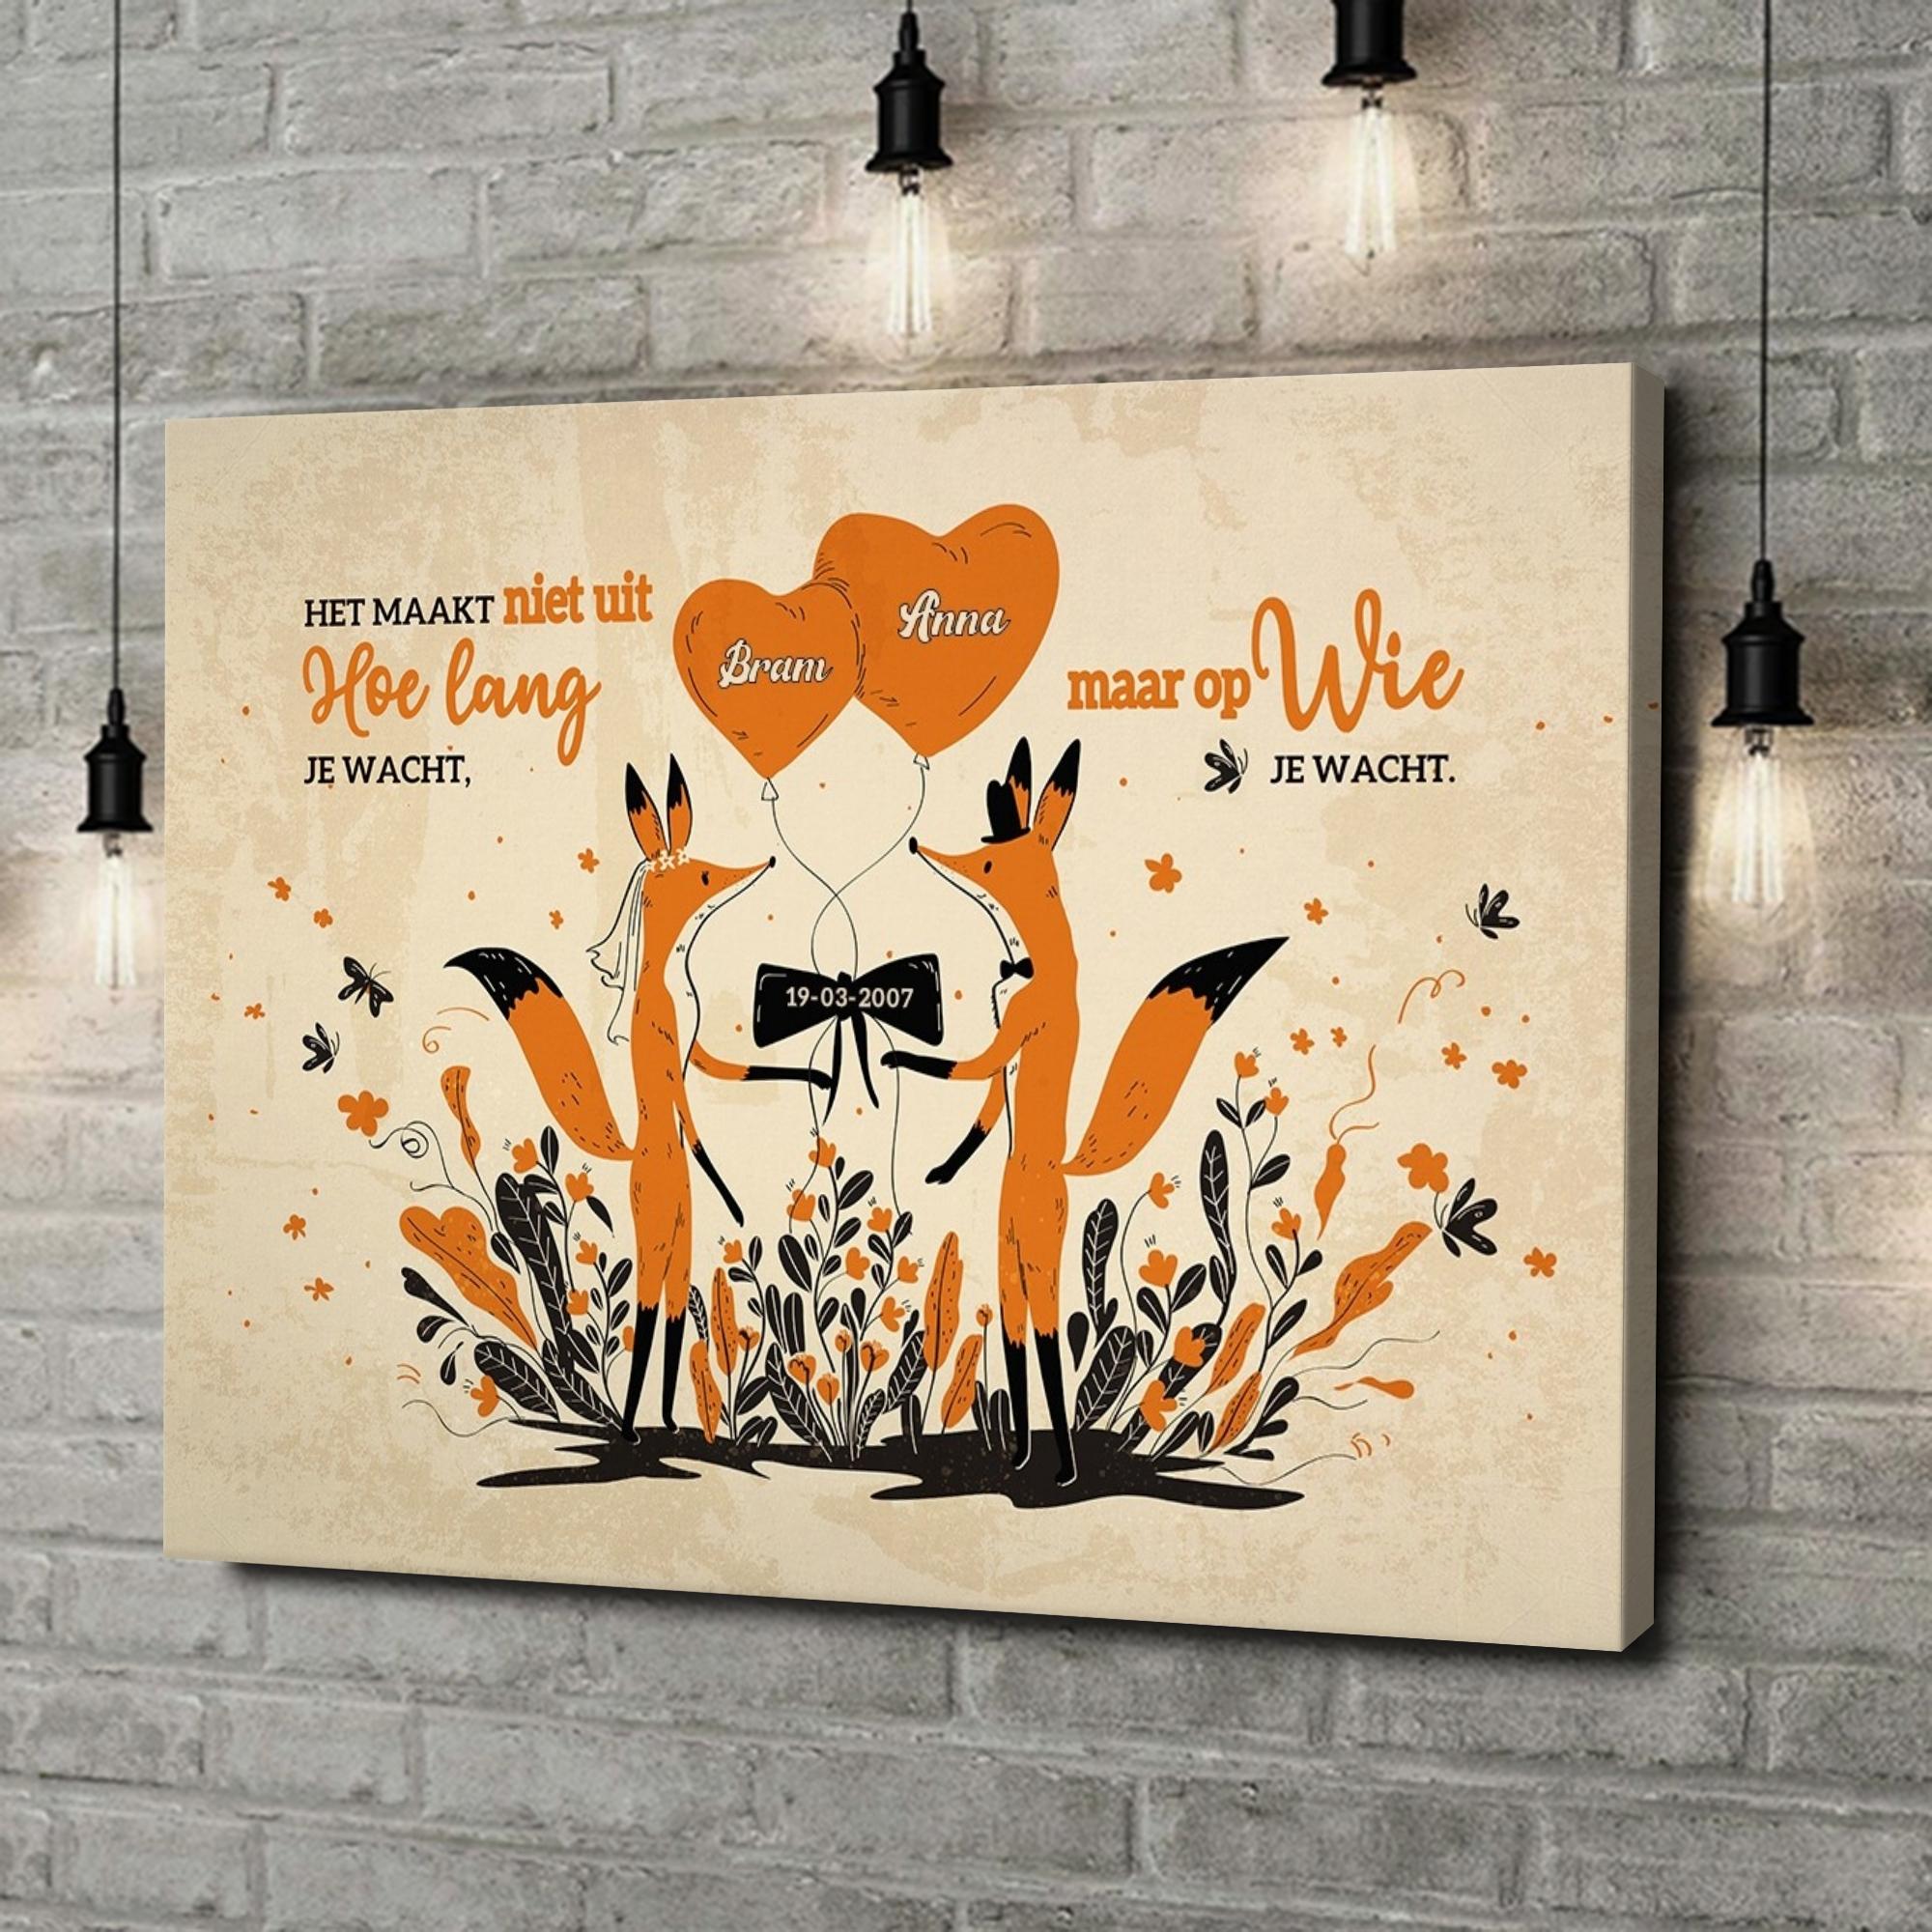 Gepersonaliseerde canvas print Droompartner